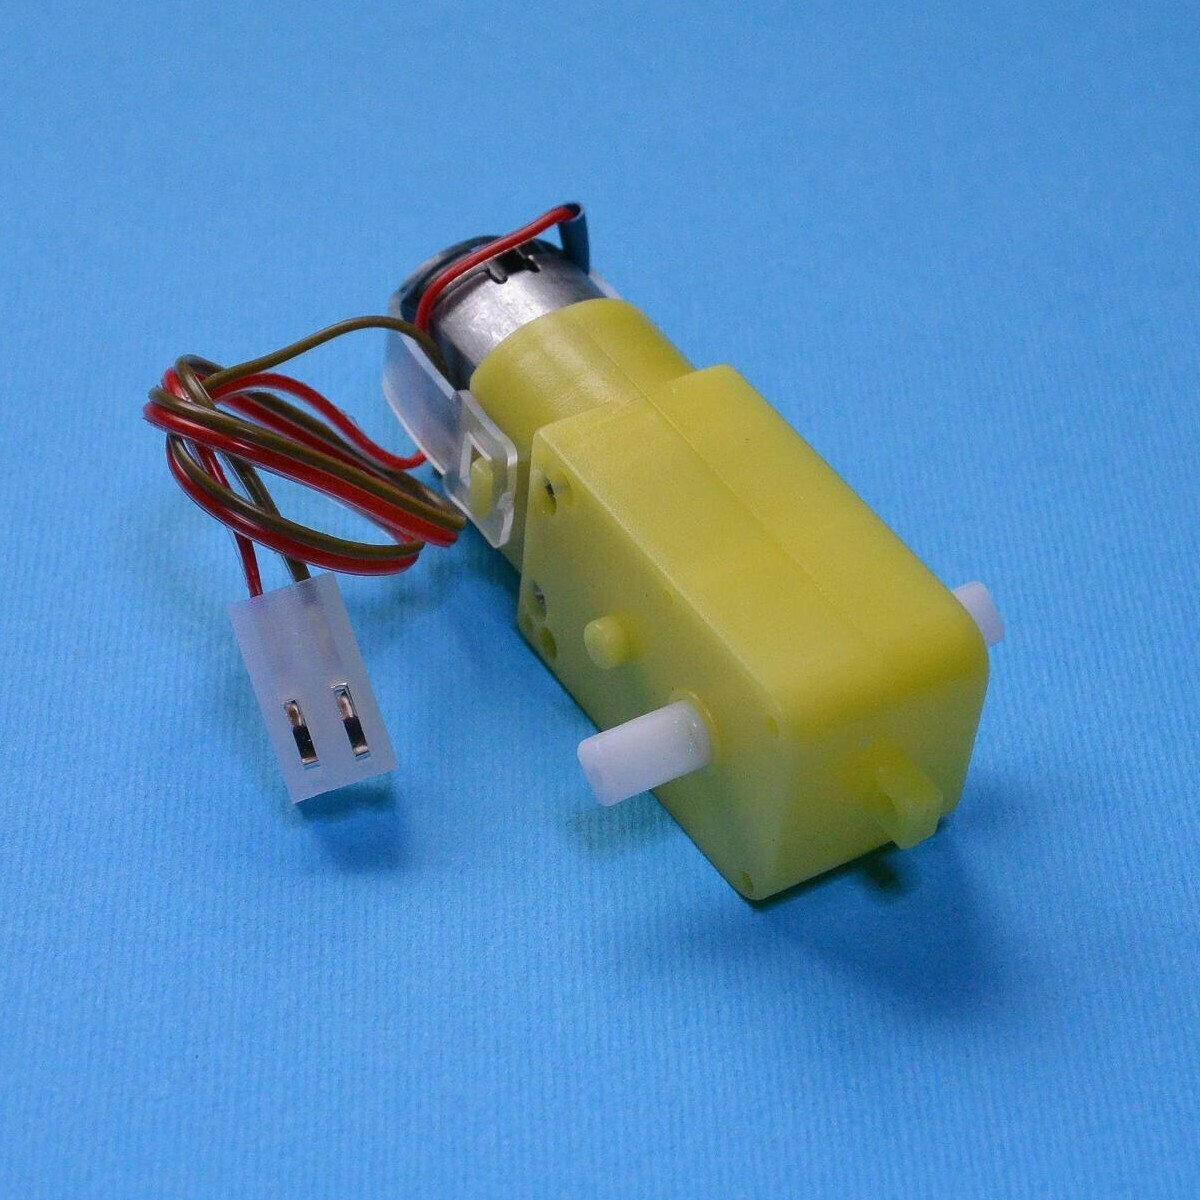 Мотор-редуктор TGP01D-A130 с кабелем и соединителем